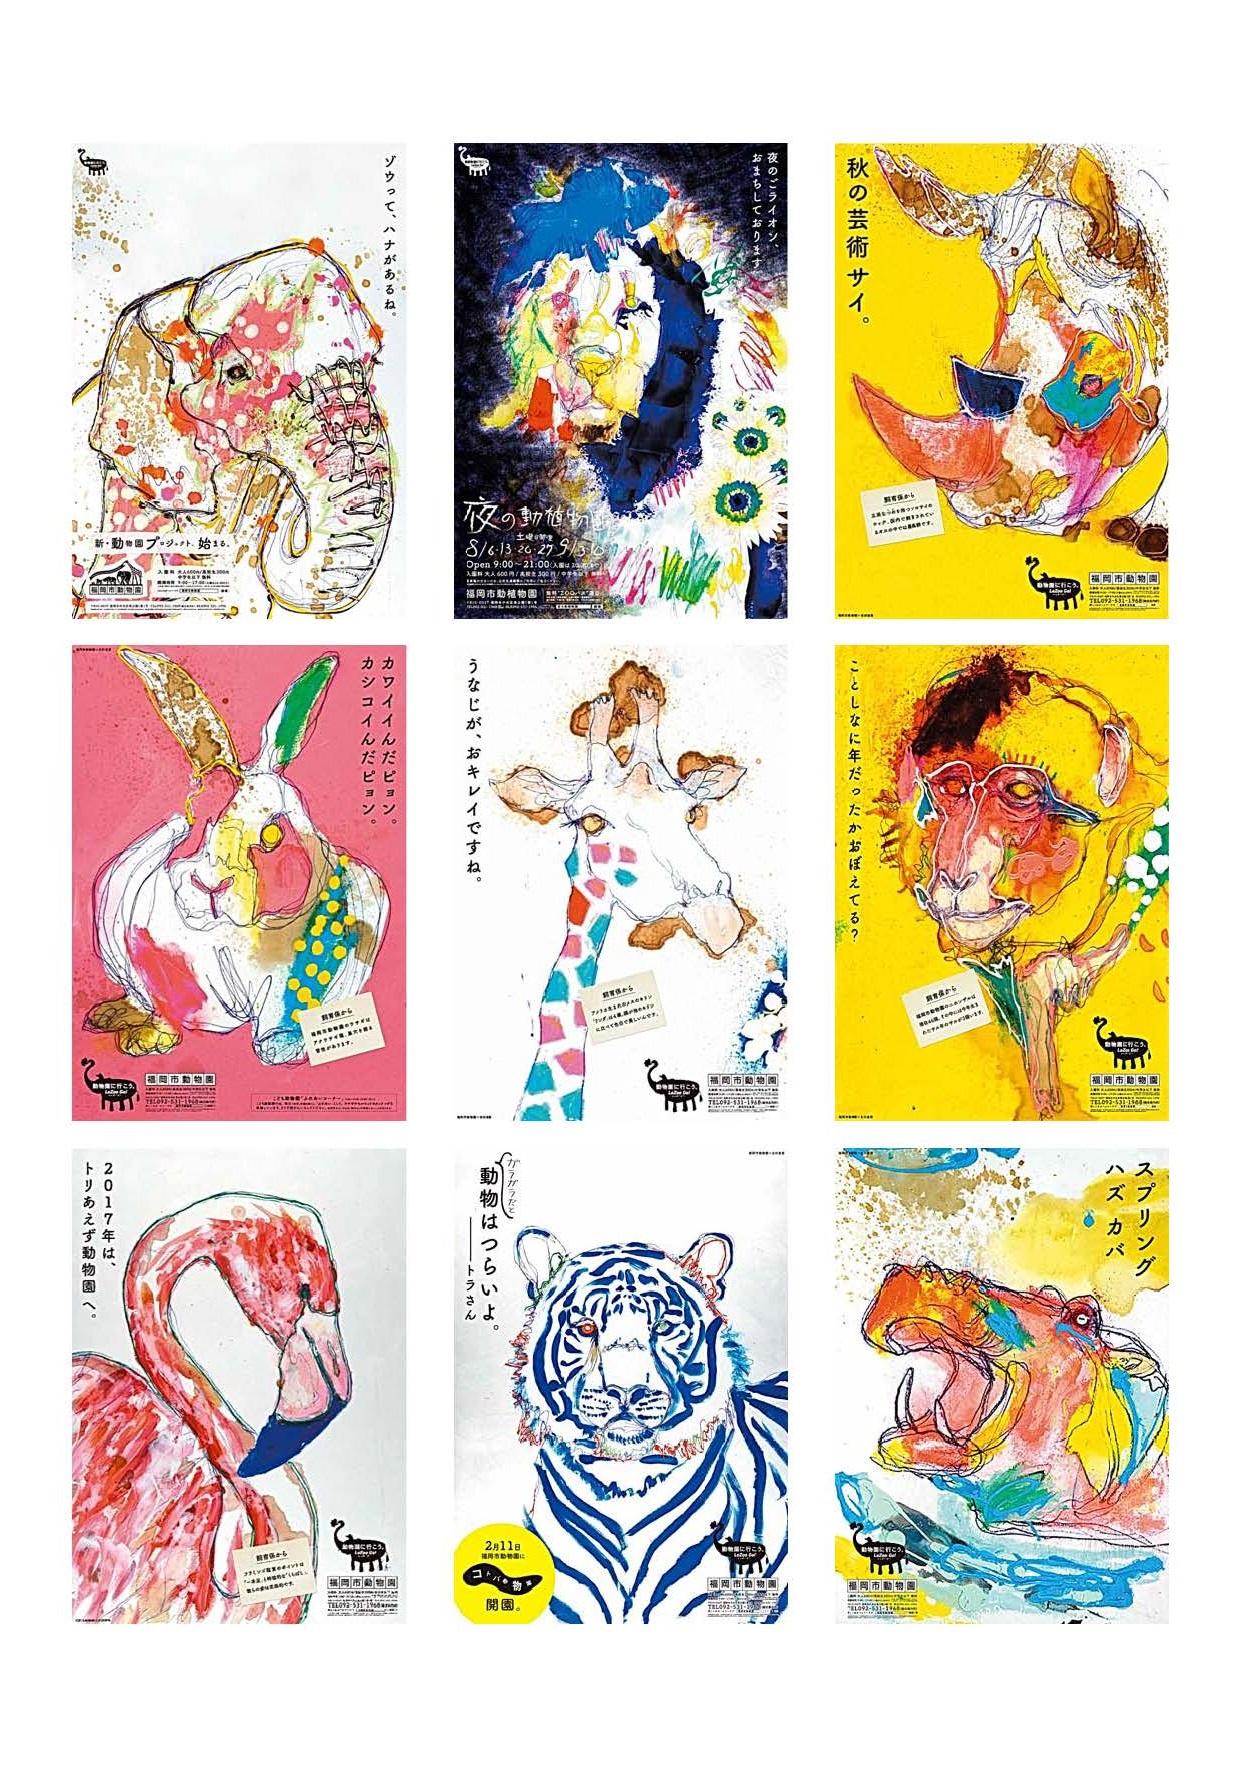 福岡市動物園|福岡市動物園の動物アートポスターをプレゼントします!